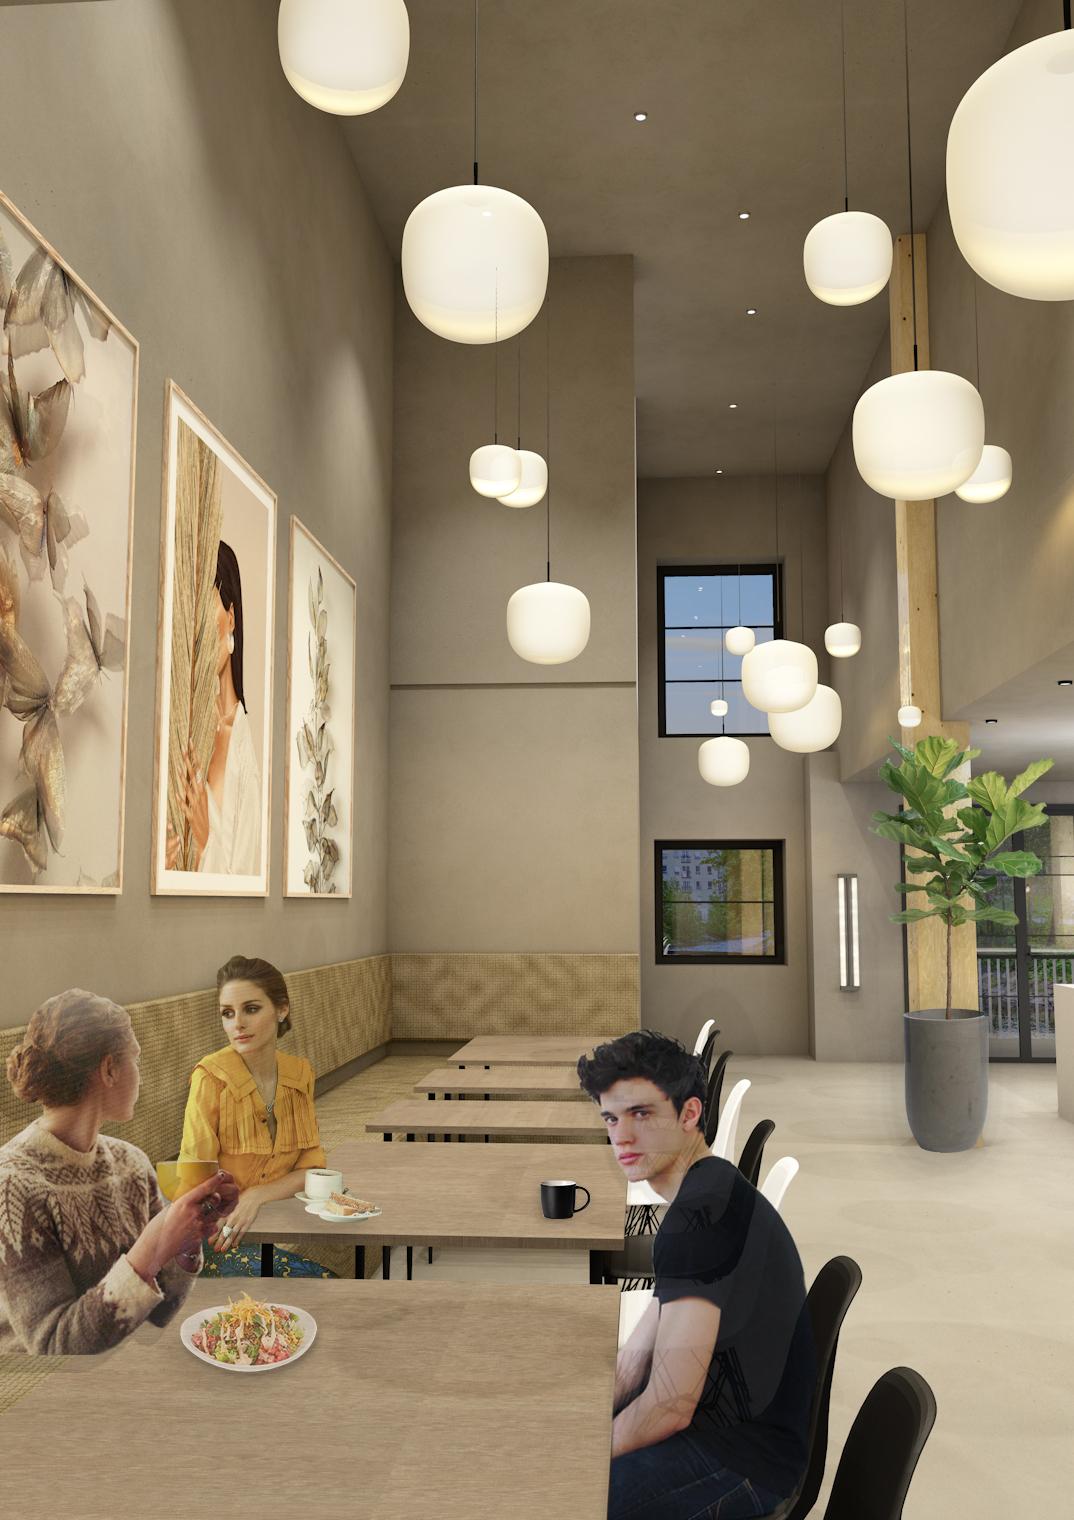 Westerdals Institutt for Kommunikasjon og Design - CK30: Bærekraftige boliger i urbane miljøer.